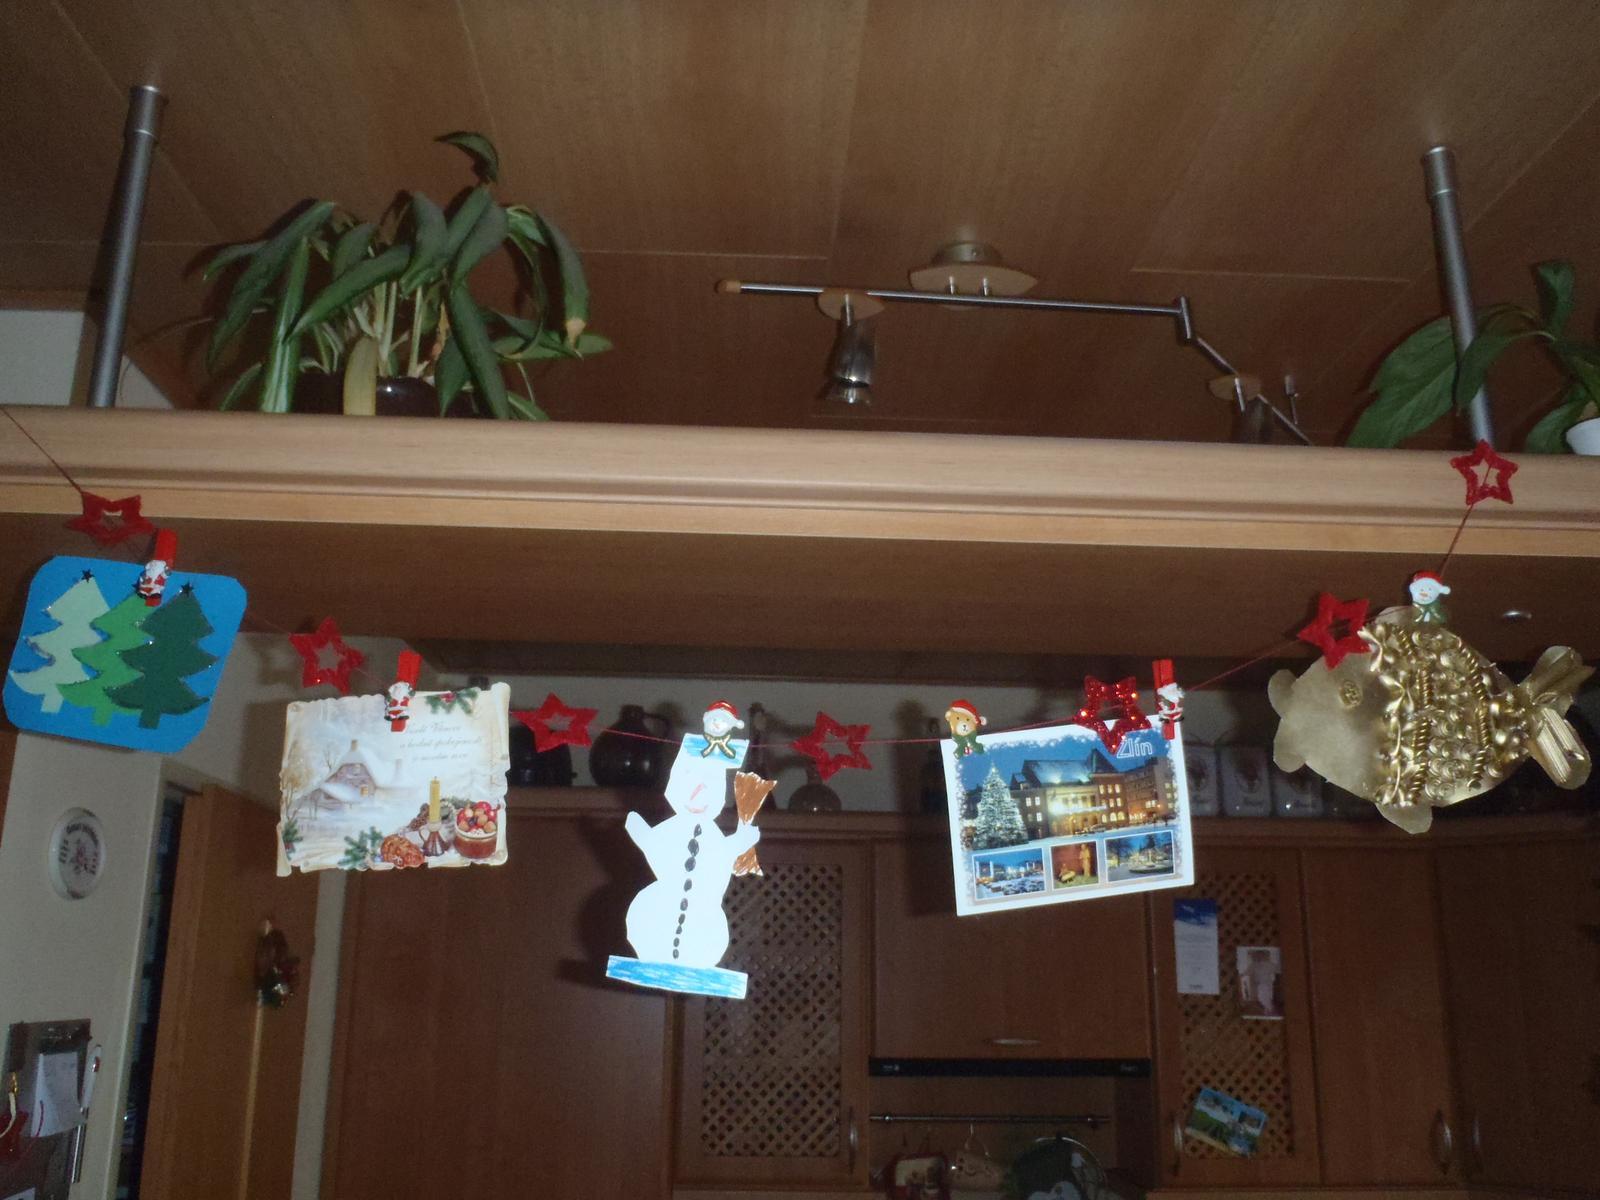 Vánoce 2012 - výstava pohledů a výtvory mých dětí (aby byly vidět)